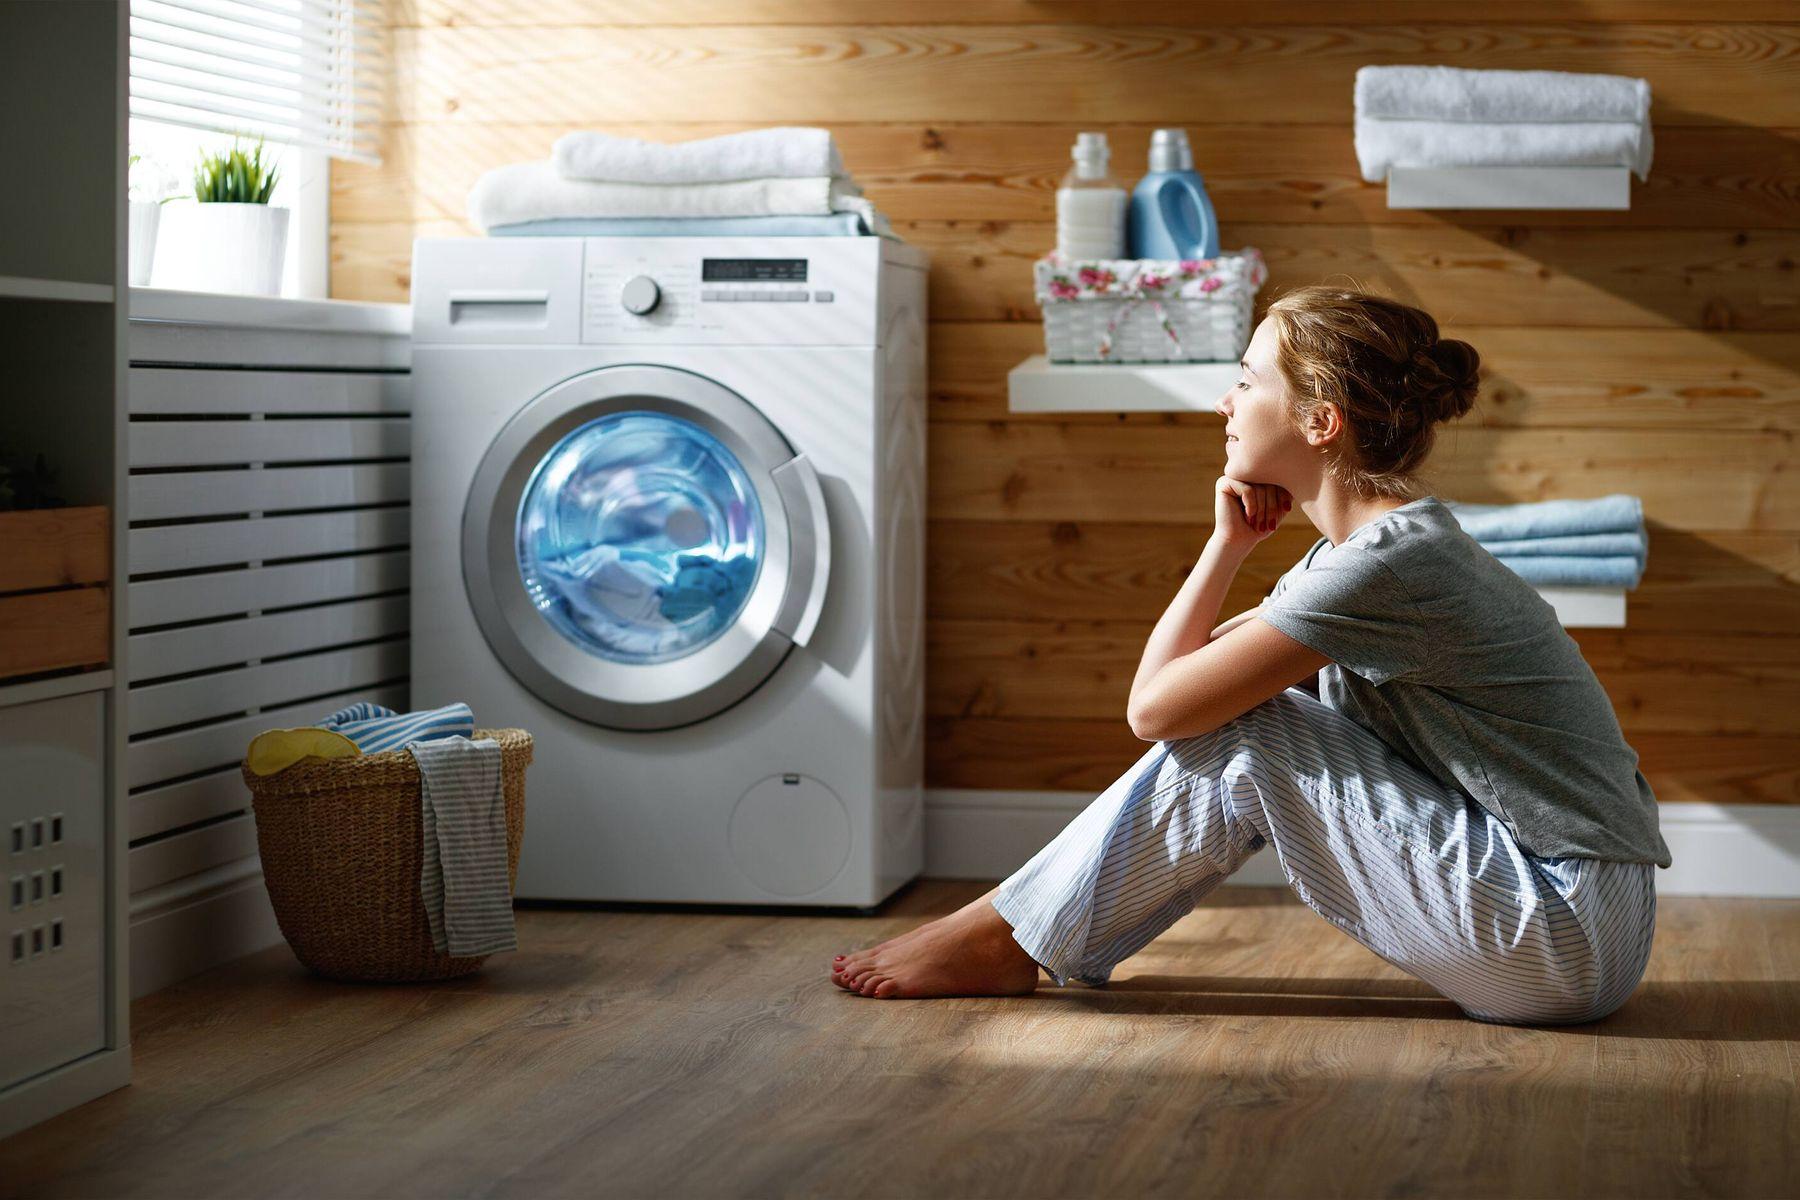 वॉशिंग मशीन ख़रीदने से पहले अपने घर को कैसे तैयार रखें | क्लीएनीपीडिया